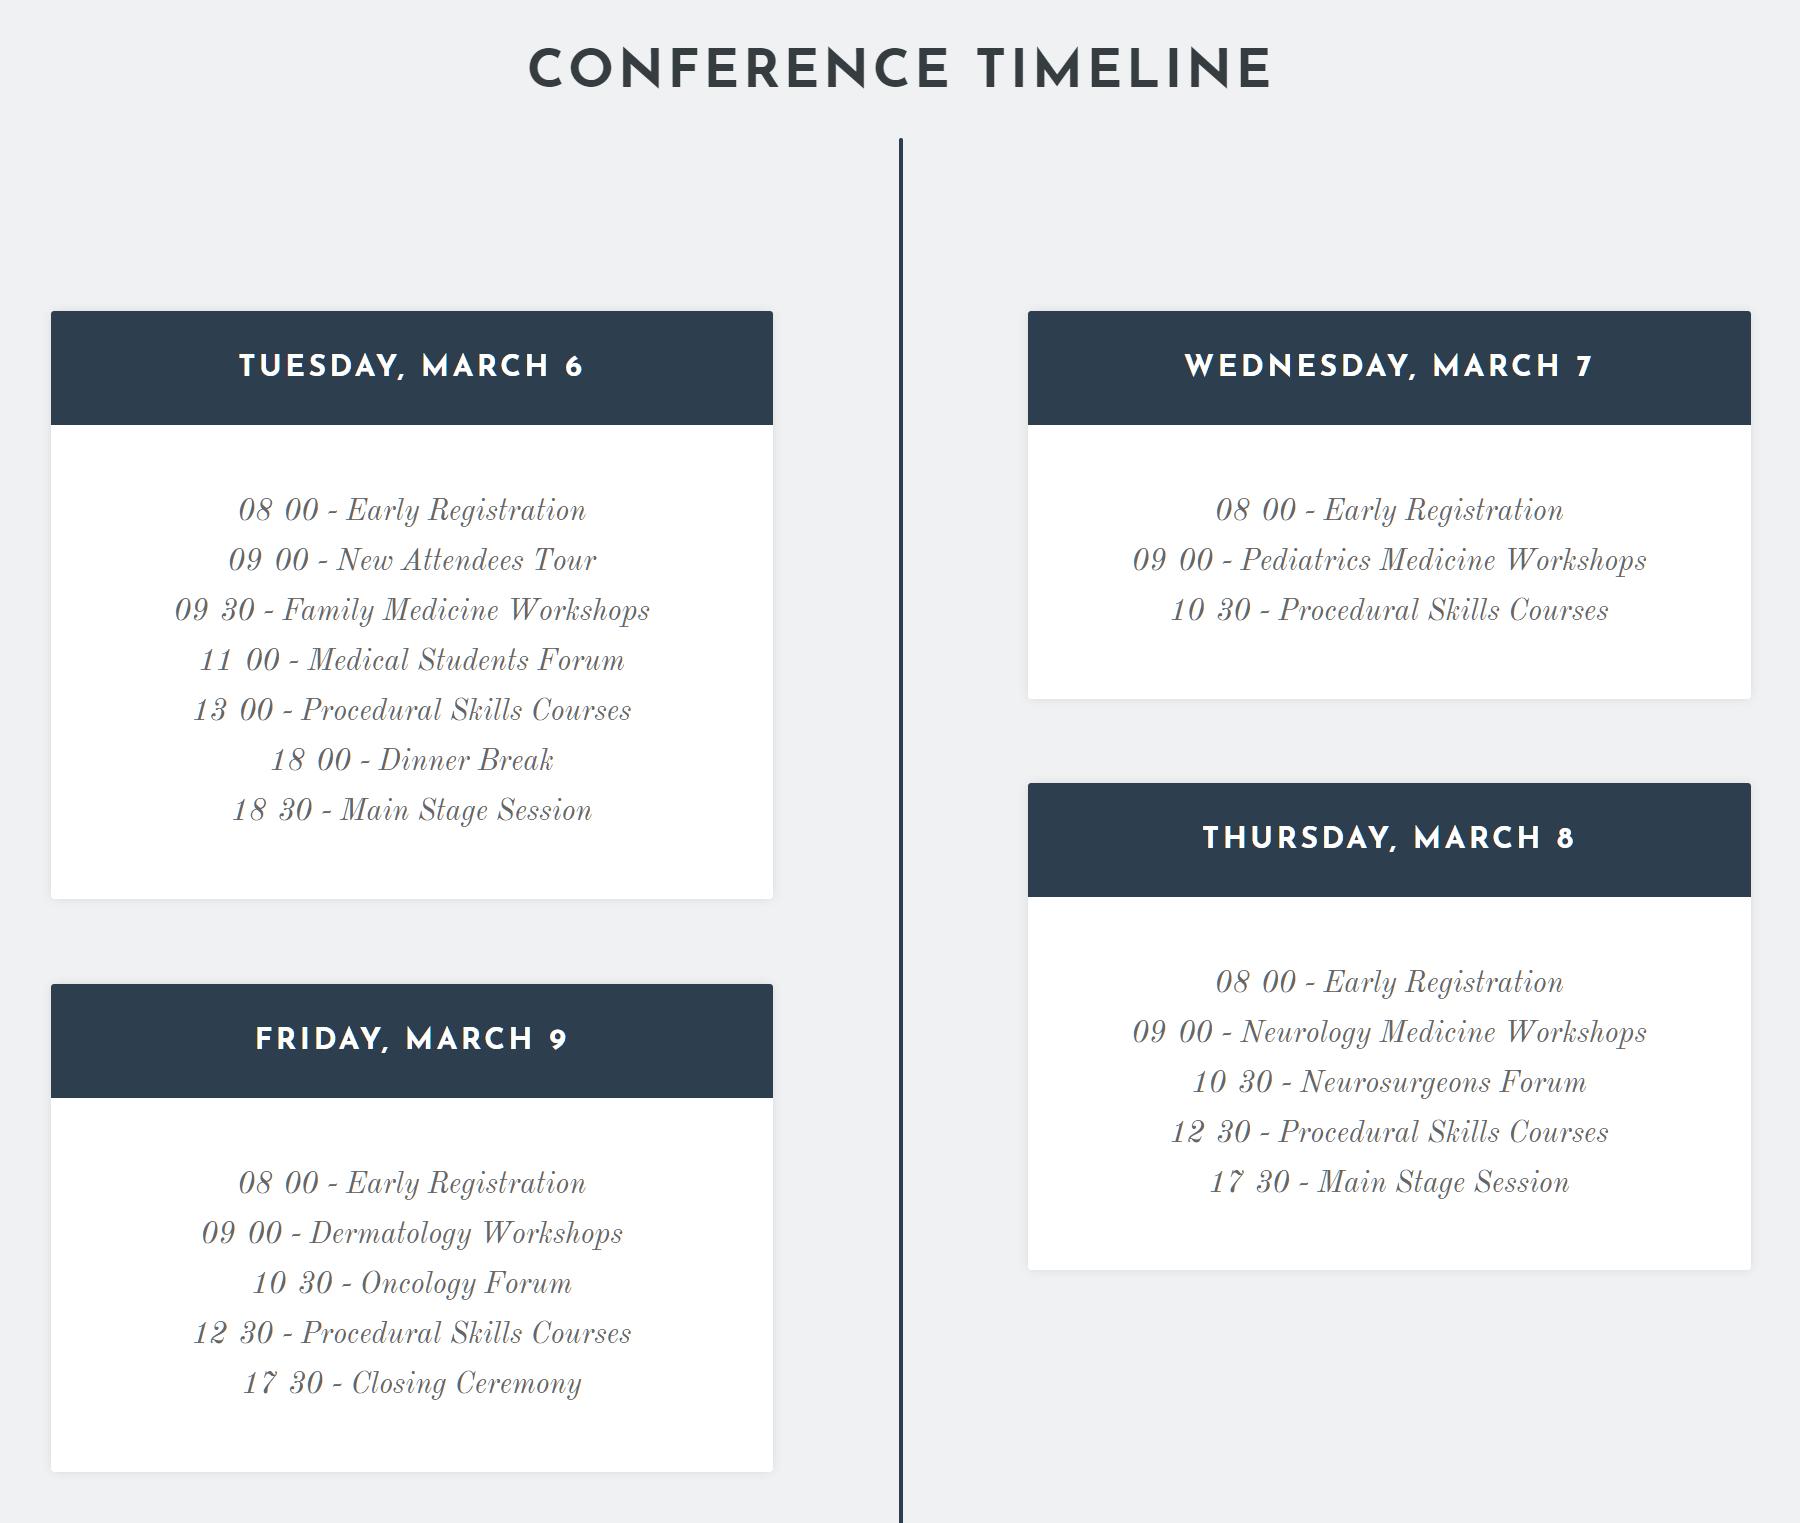 Conference Timeline